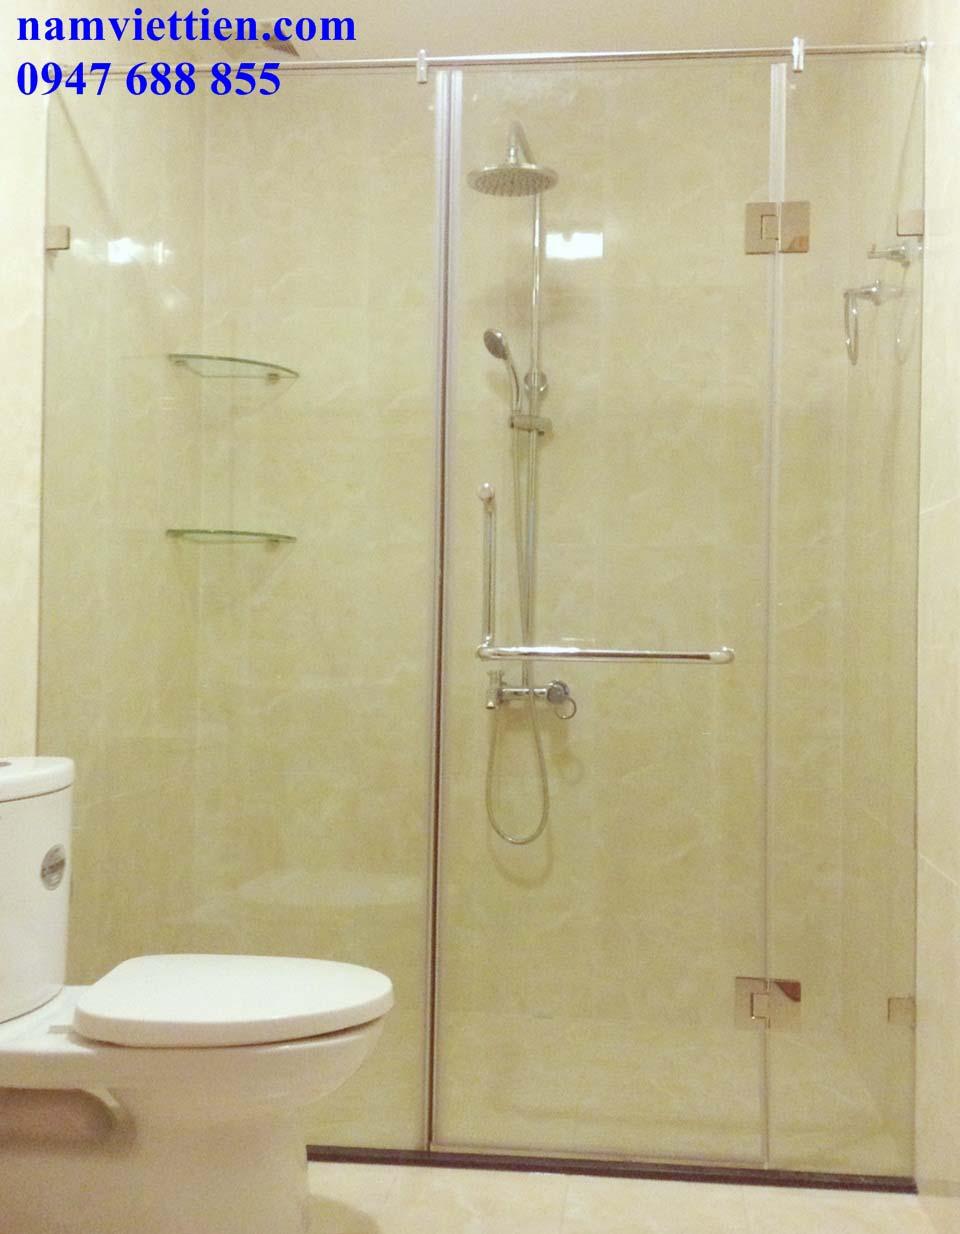 phong tam kinh ms 17 - Báo giá vách kính phòng tắm